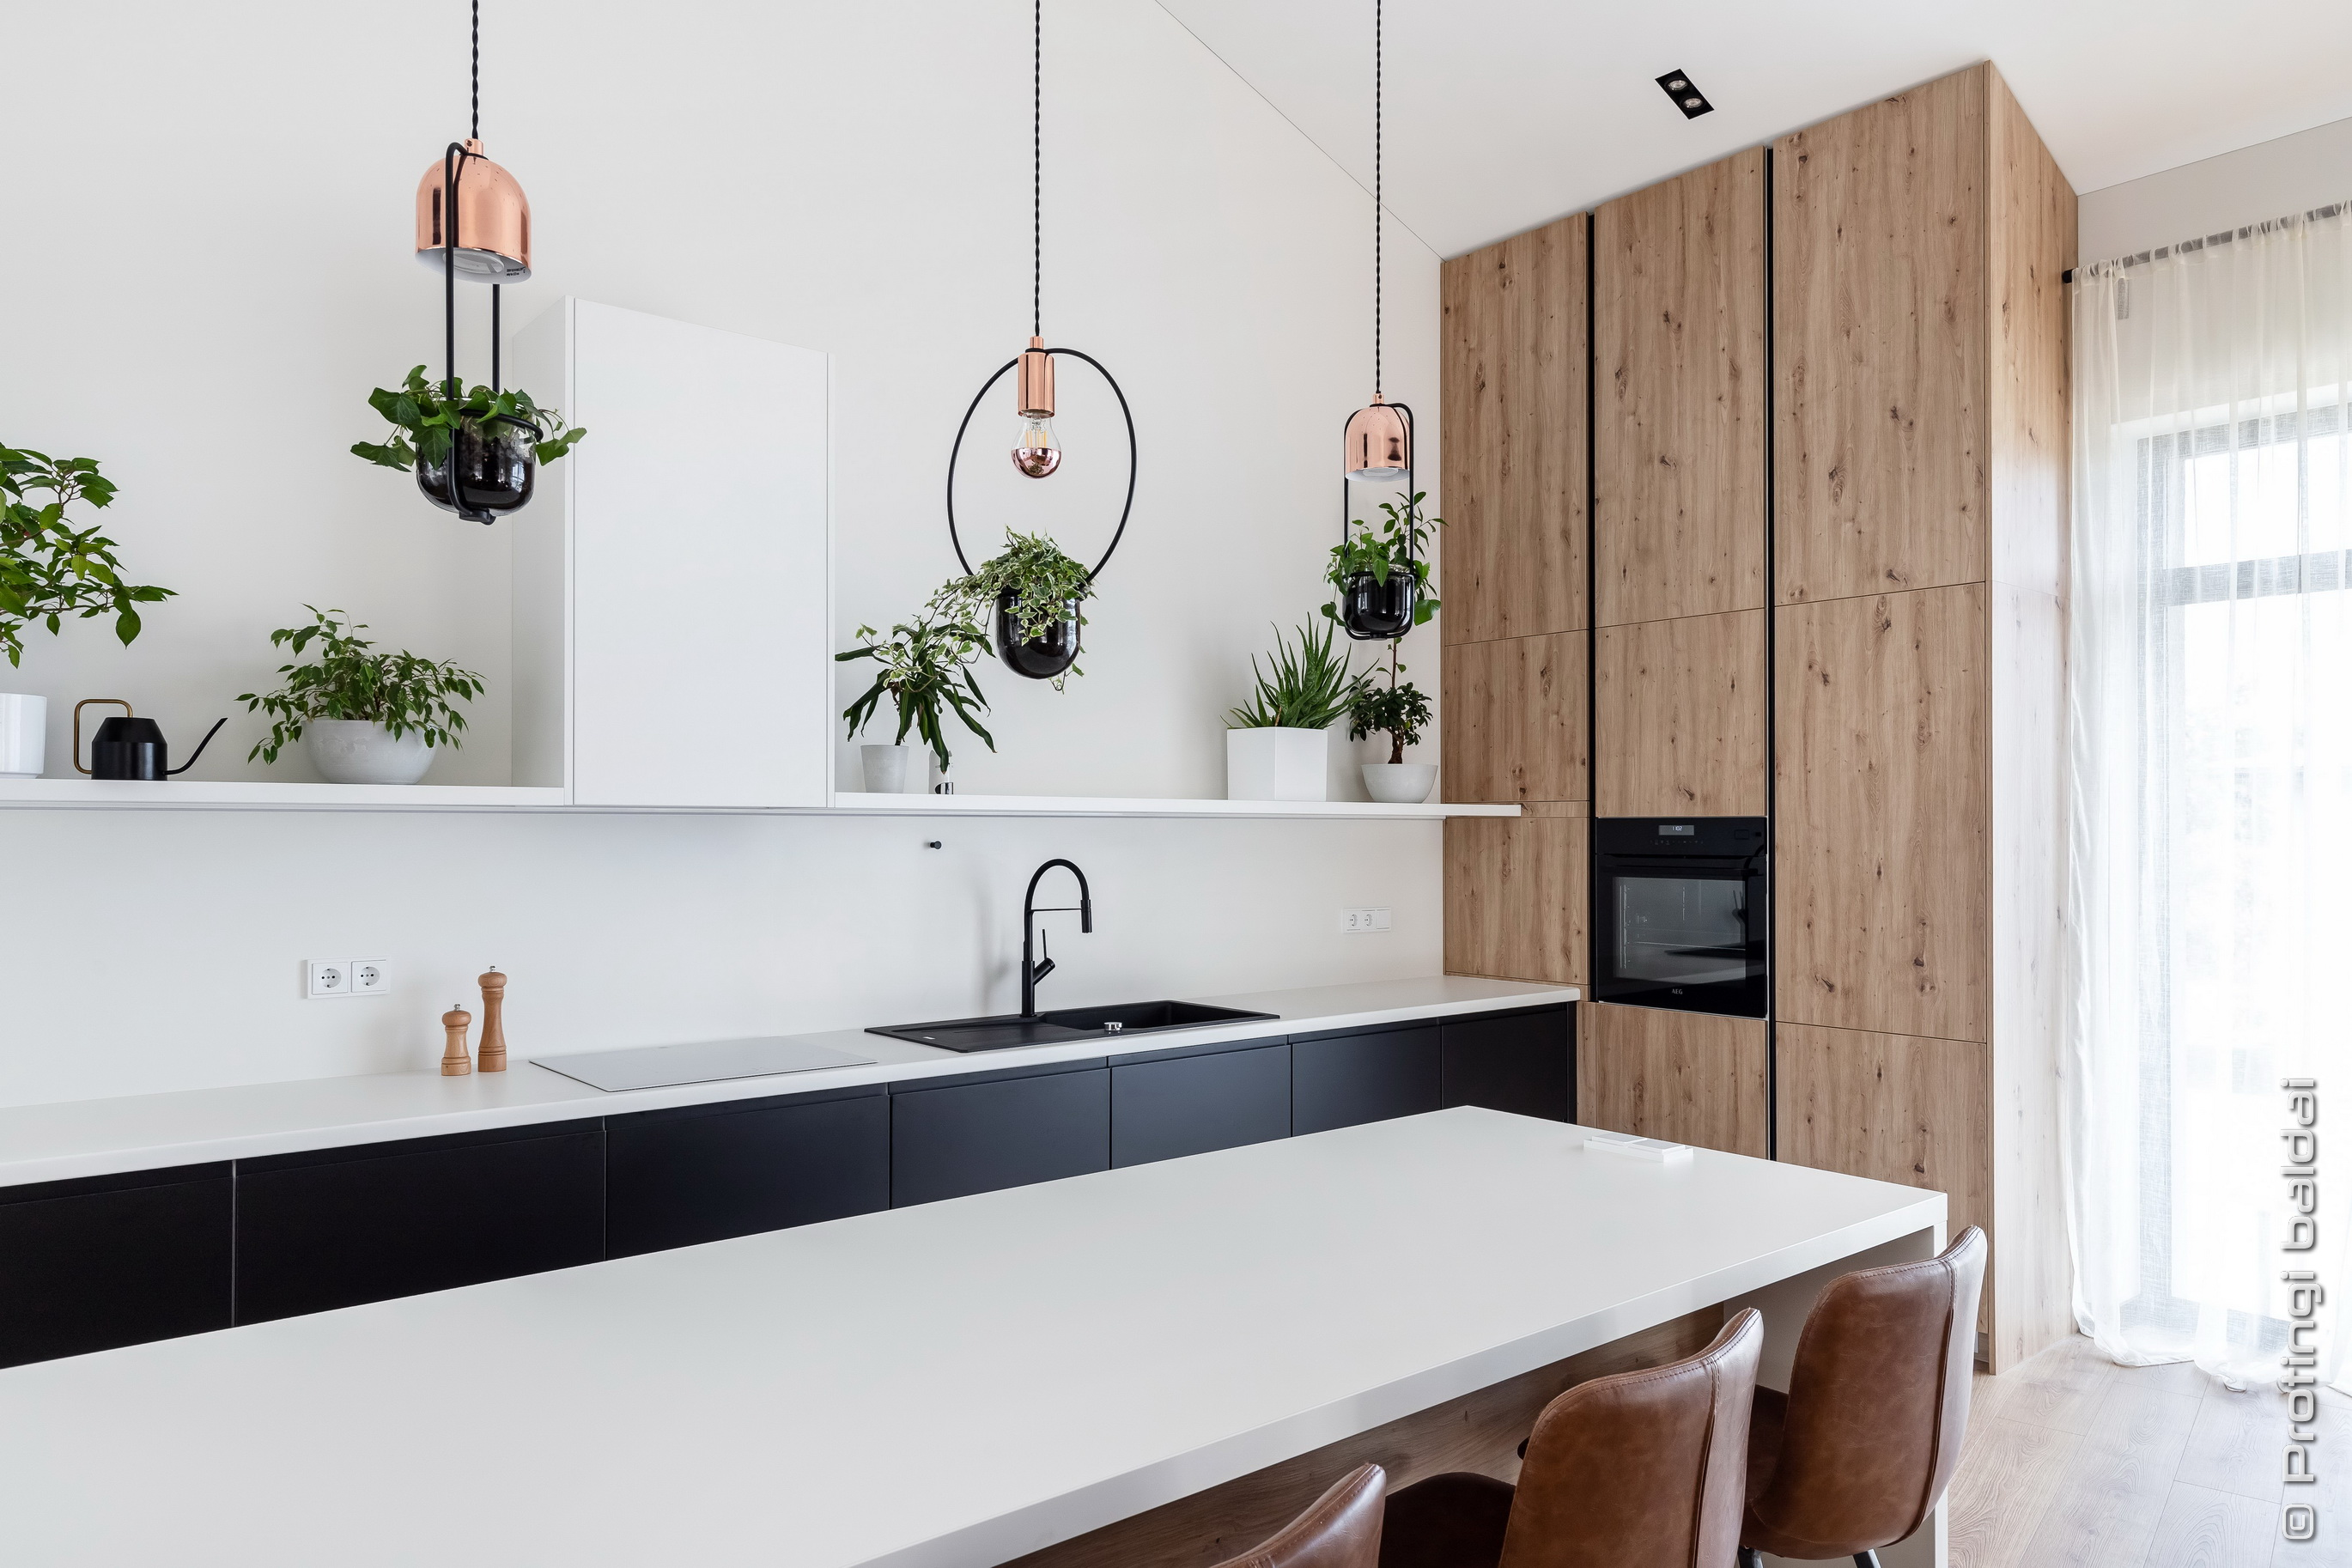 virtuve-vonia-PB35_36